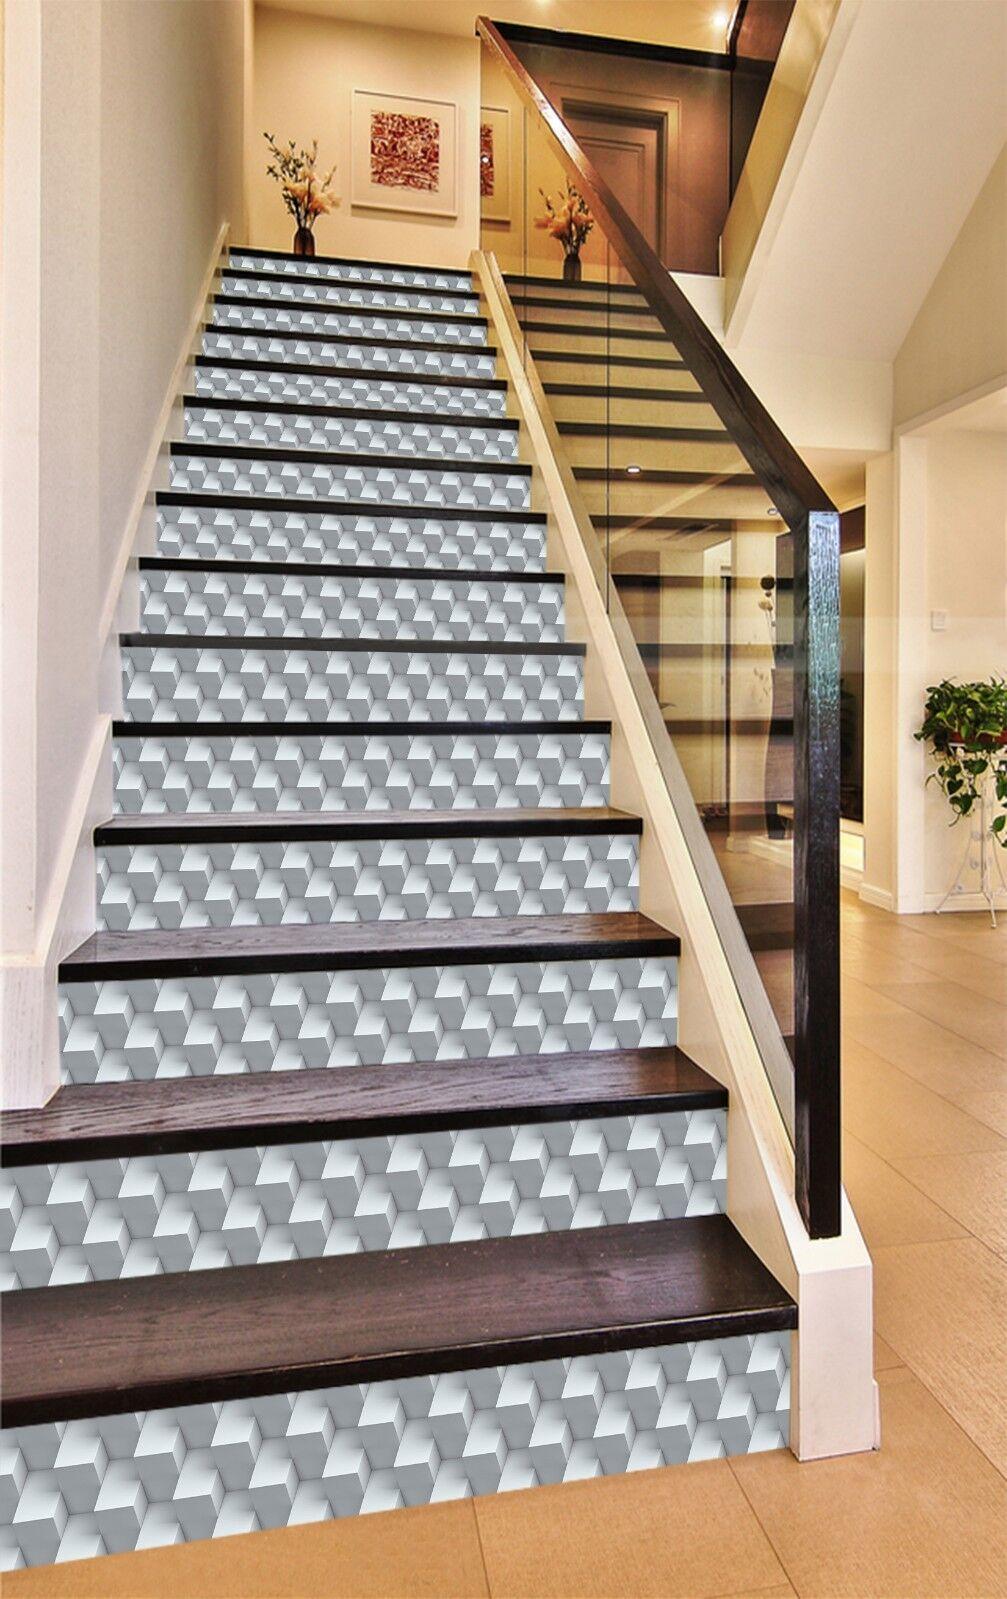 3D Weiß Geometry 1 Tile Marble Stair Risers Decoration Mural Vinyl Wallpaper UK